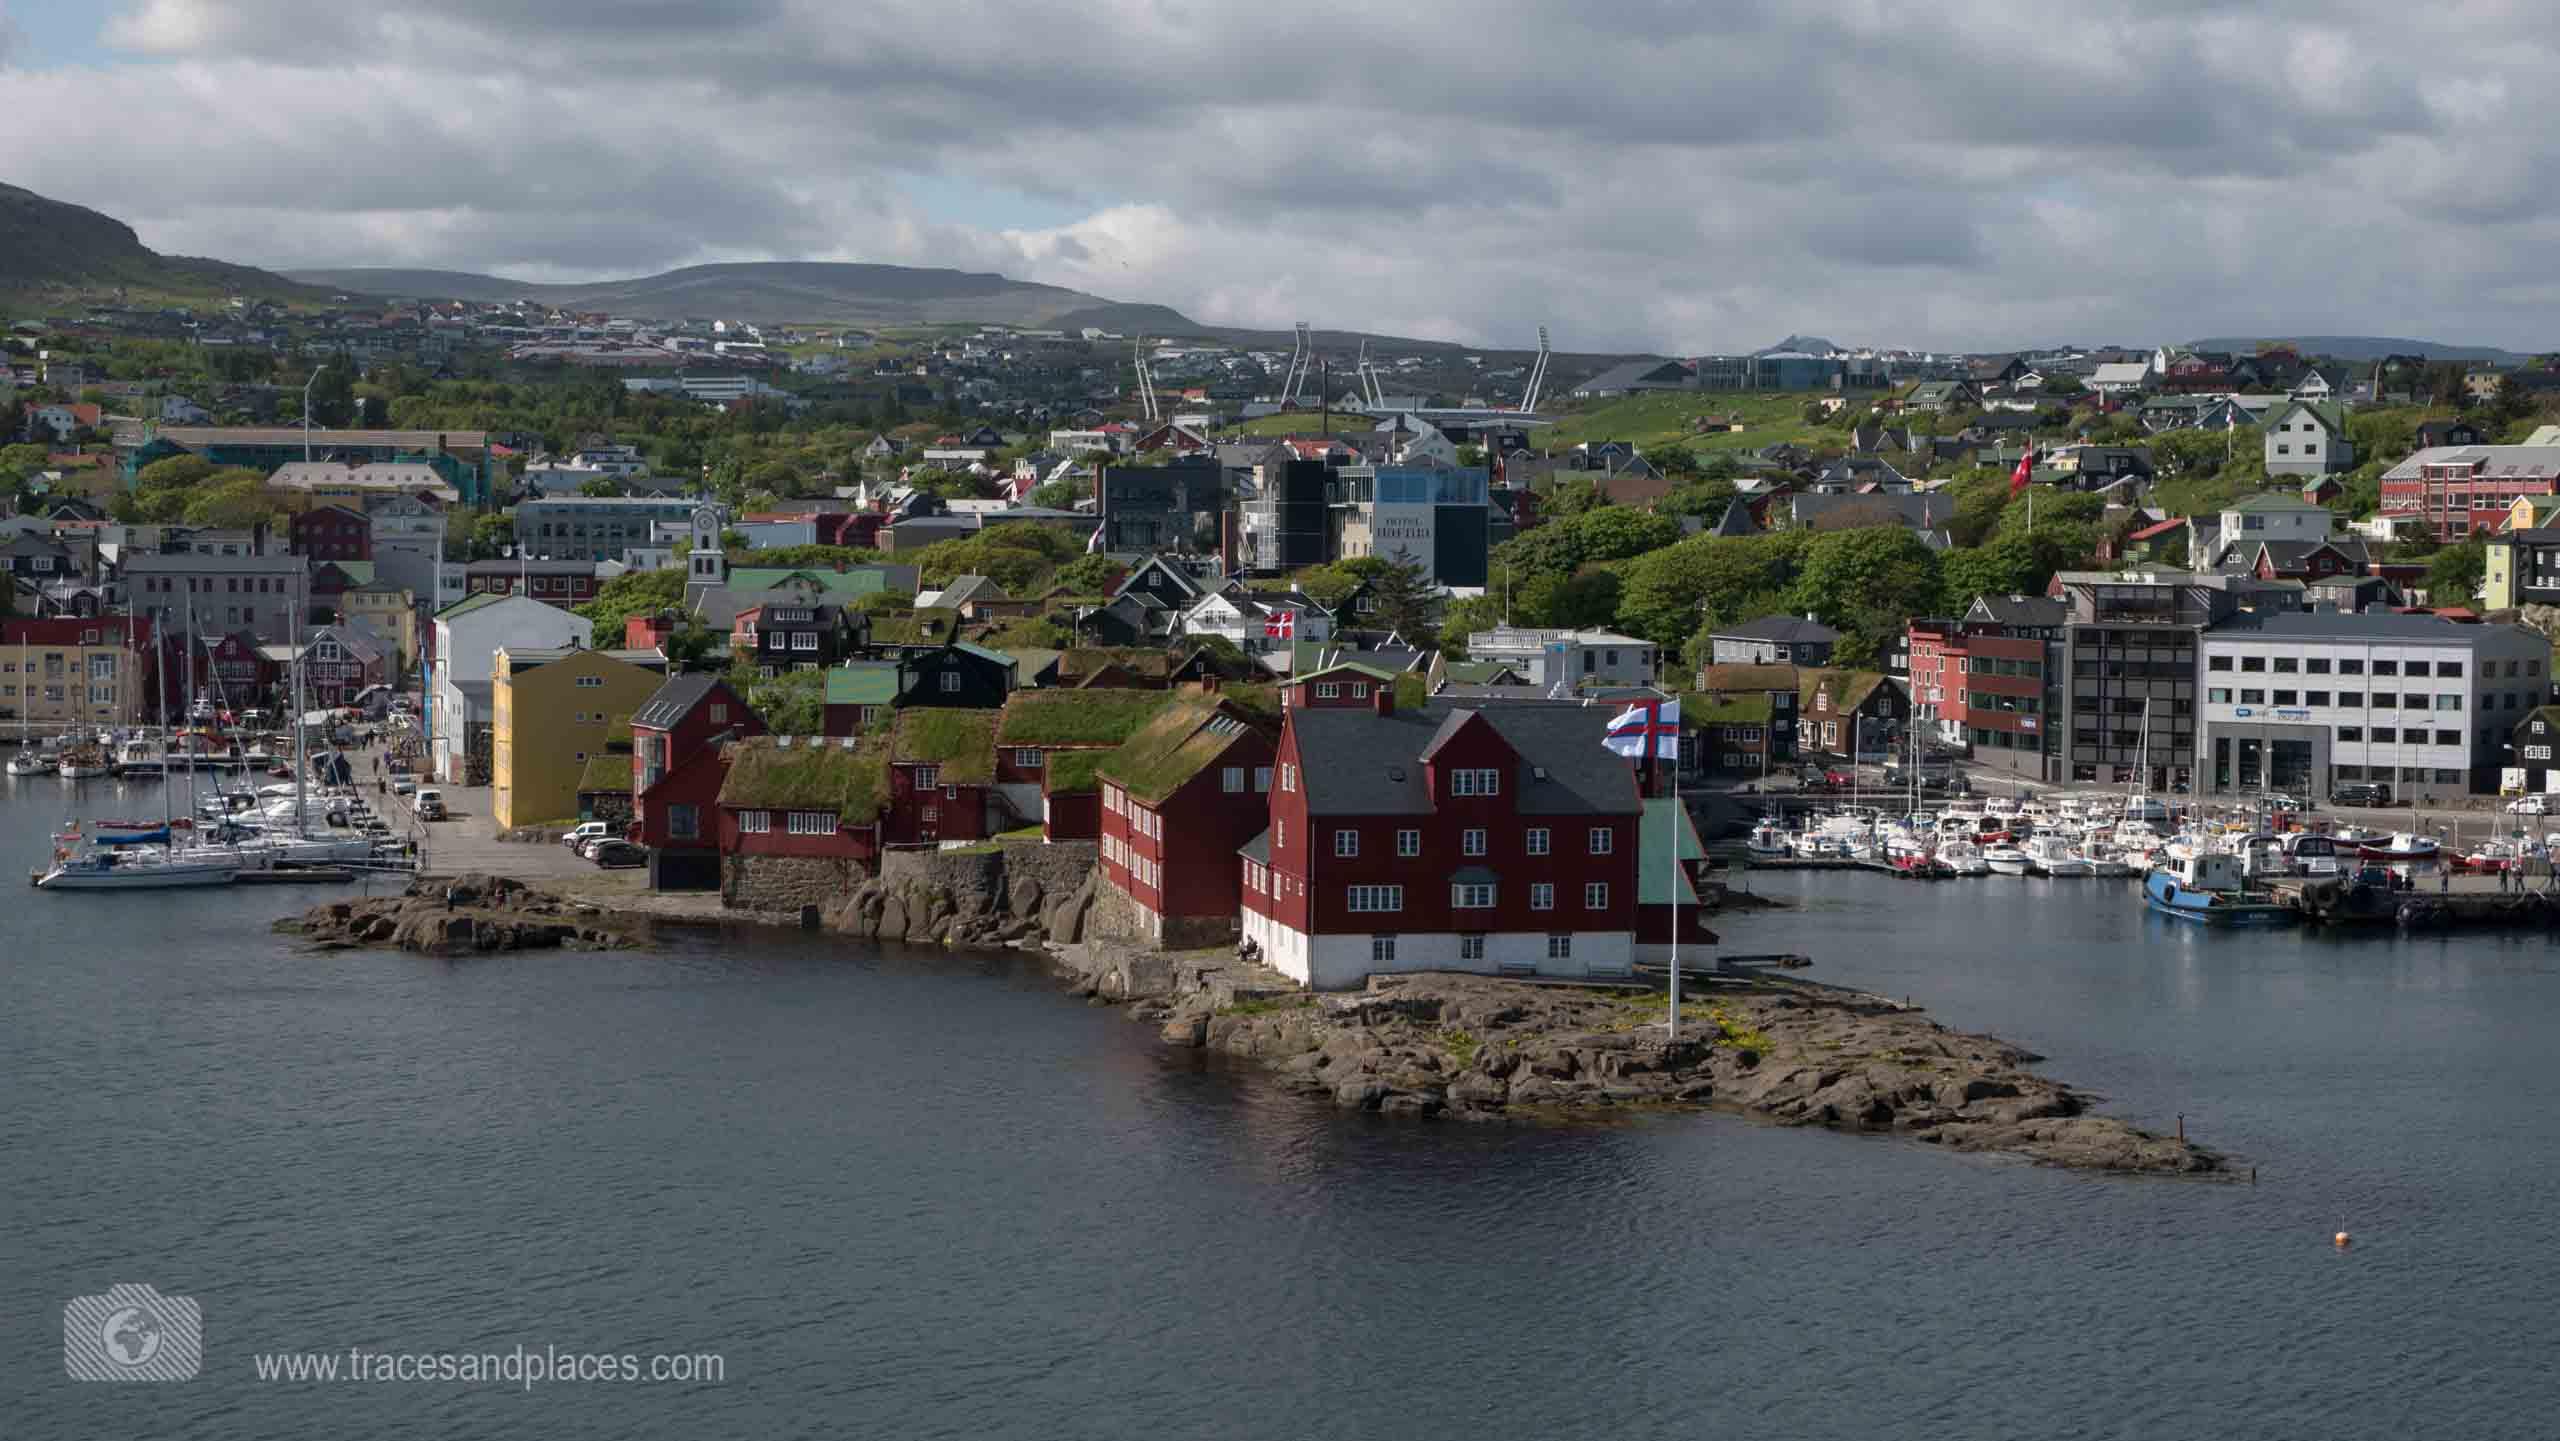 Blick auf Torshaven - Faeroeer Inseln_